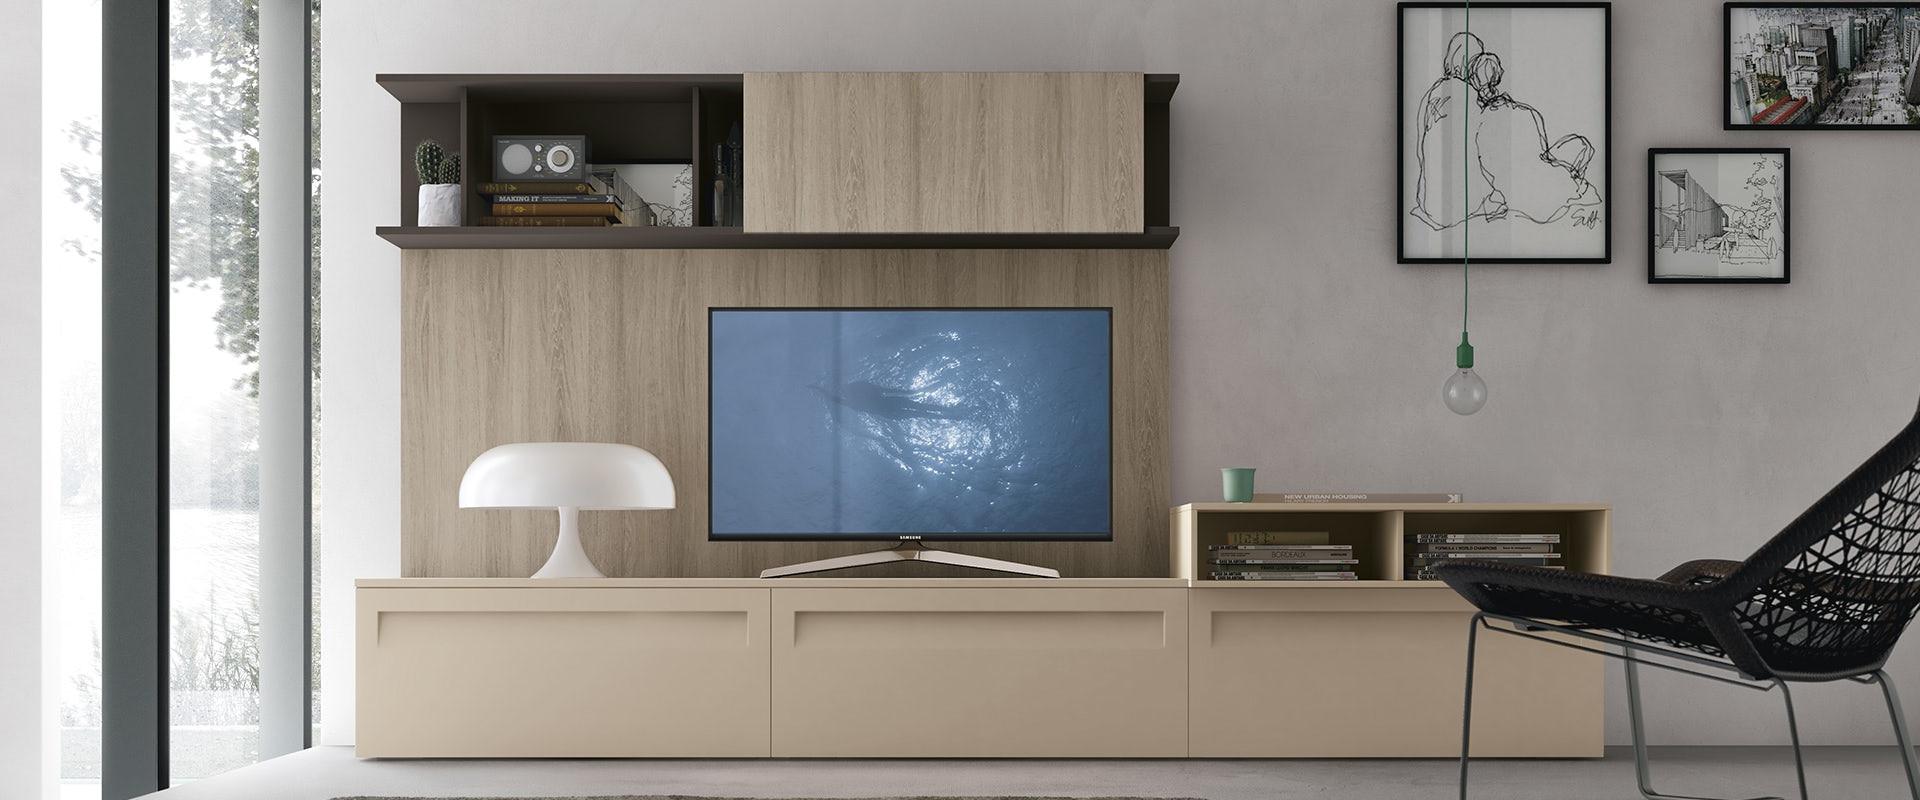 stosa-cucine-moderne-rewind-297.jpg